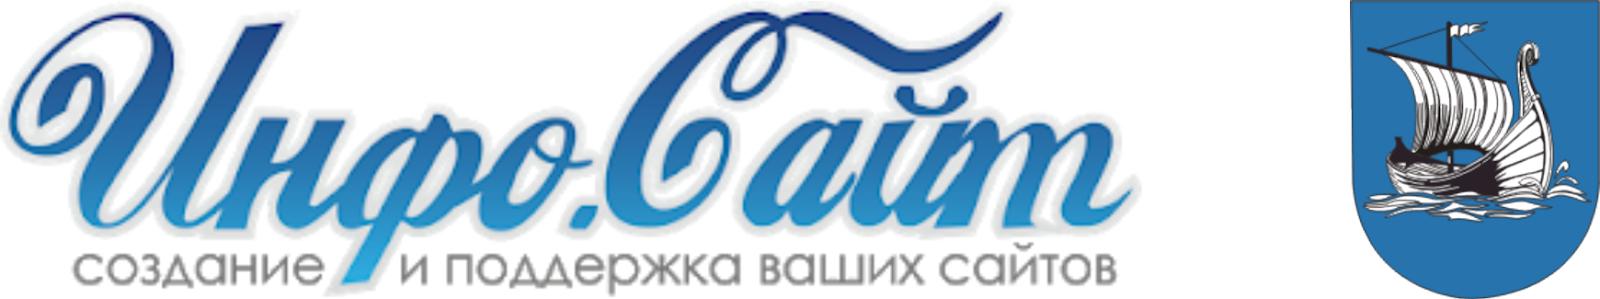 Жлобин 🌍 Новости : Информационный агрегатор Инфо-Сайт